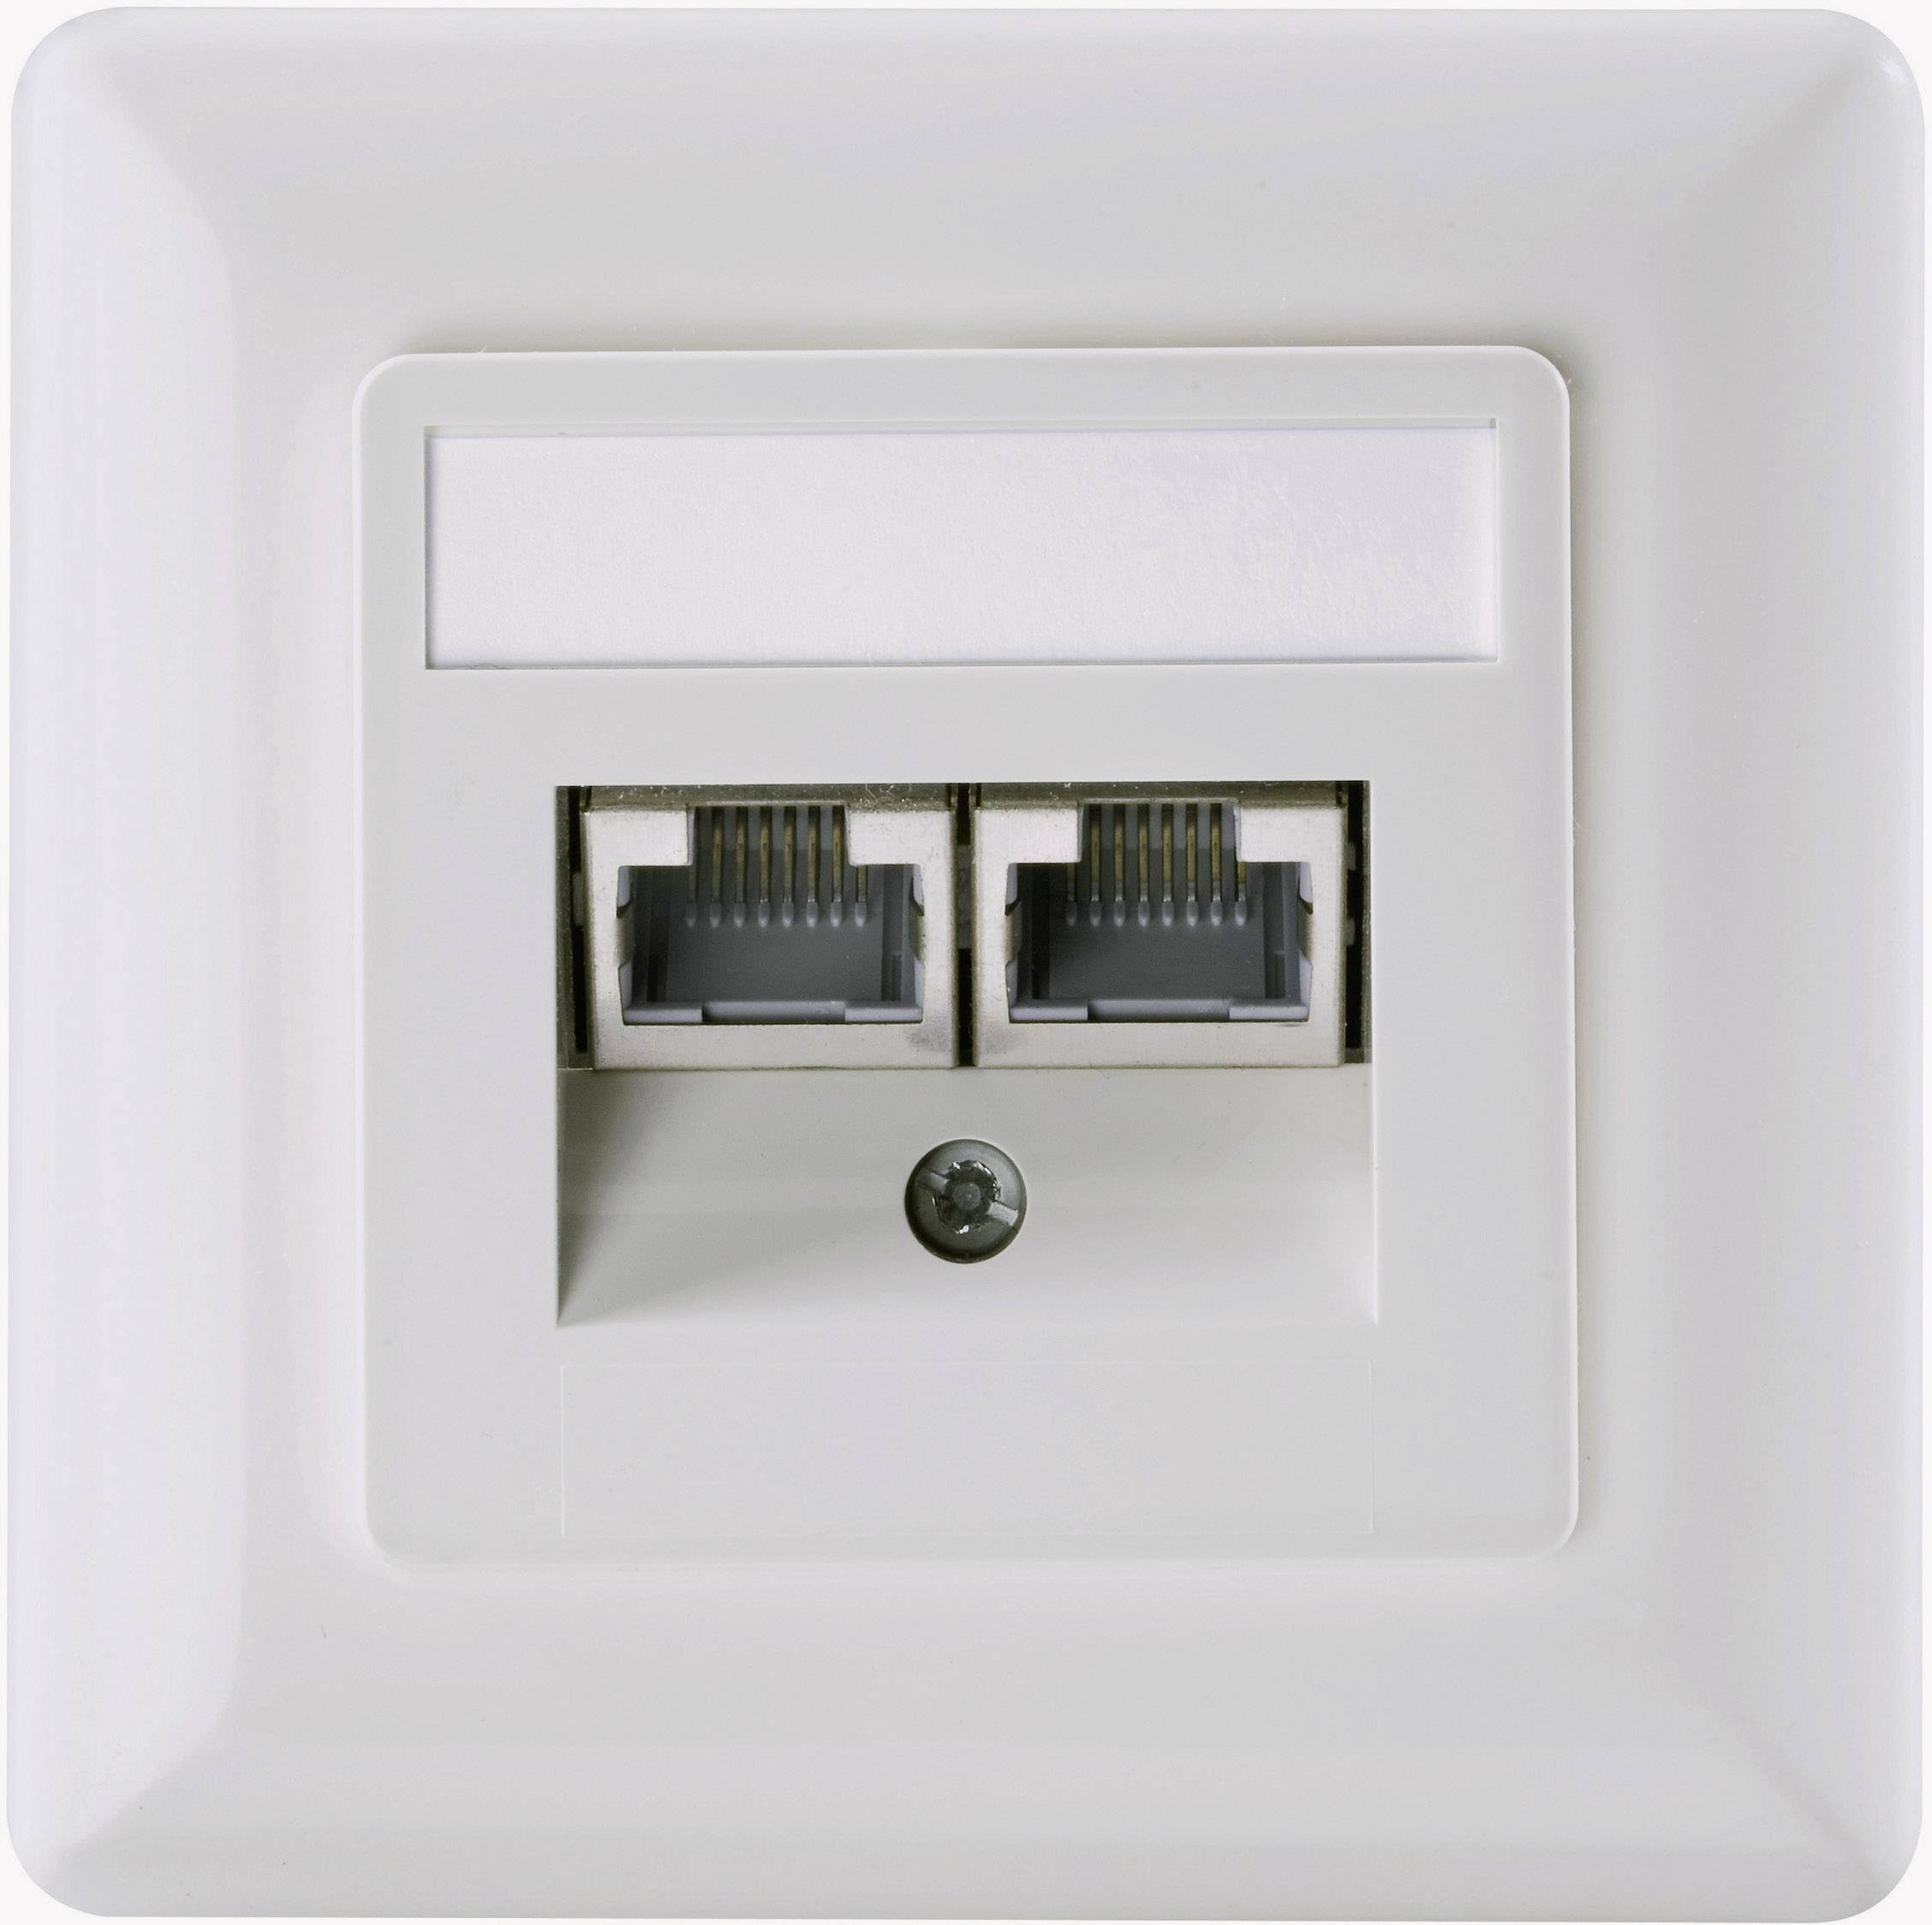 Sieťová zásuvka pod omietku Setec 604697, CAT 6, perlovo biela